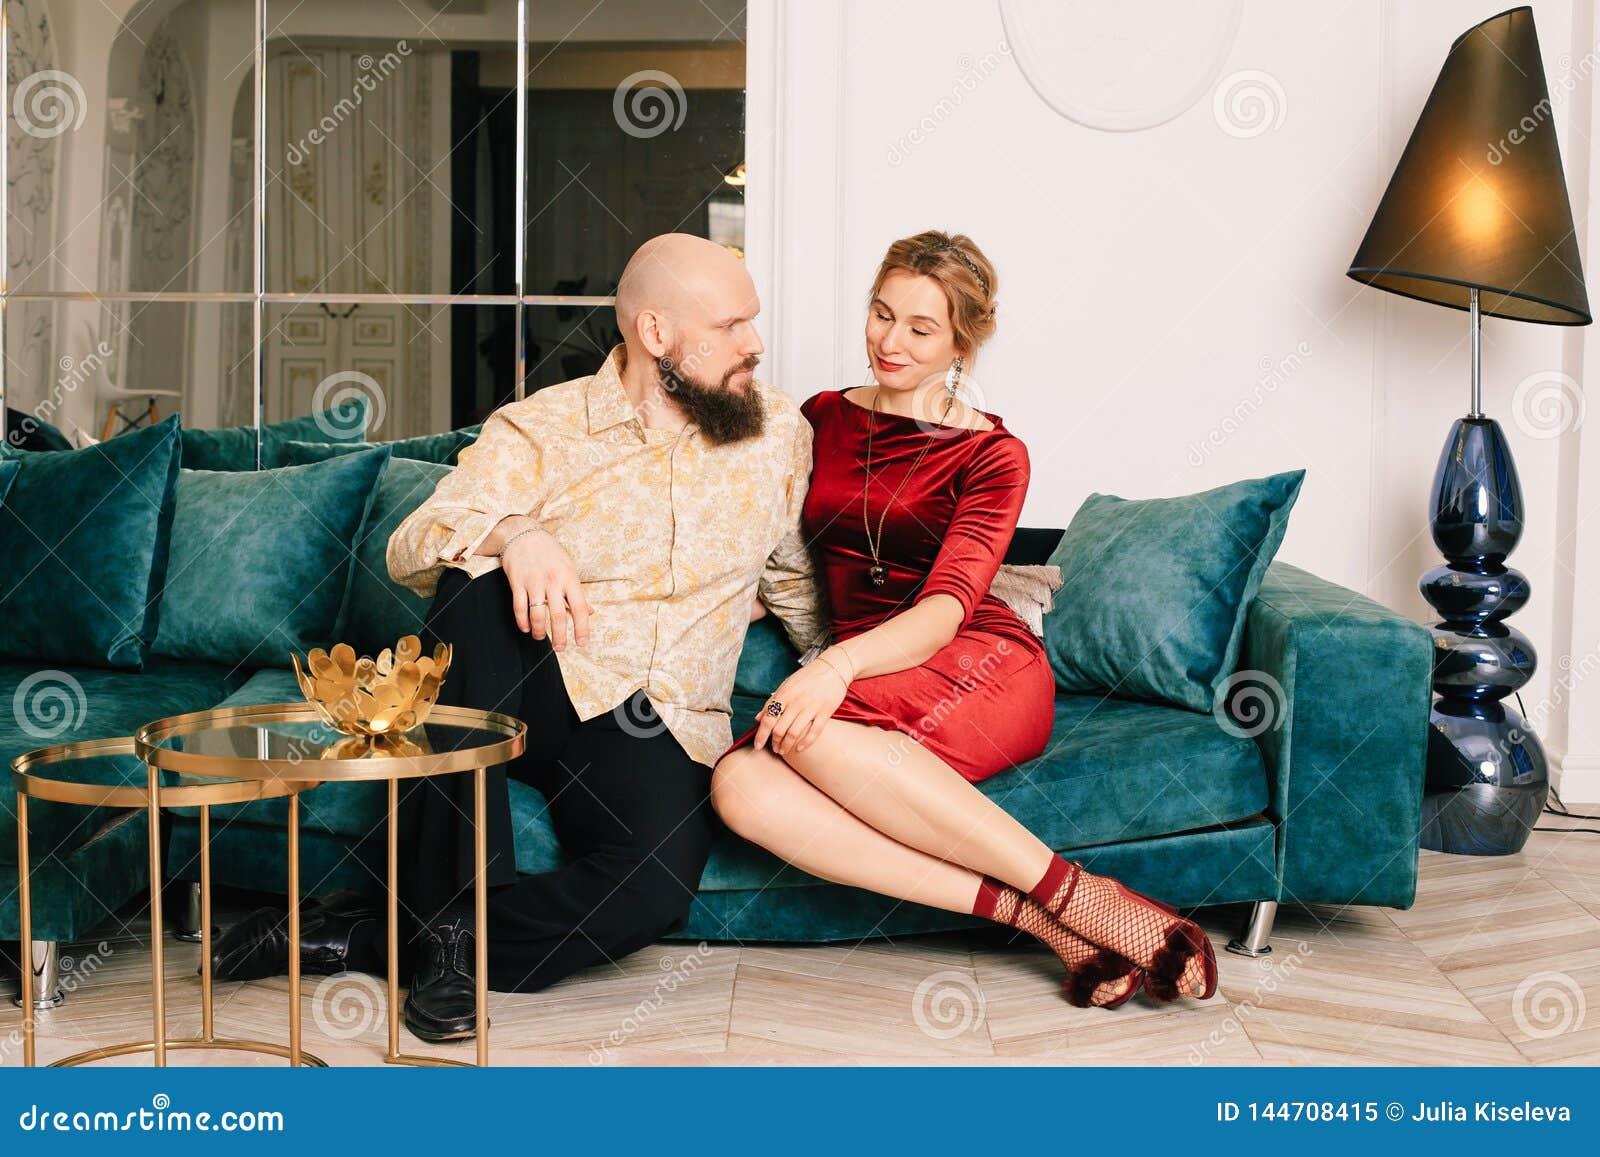 Męża i żony obsiadanie na leżance w przestronnym jaskrawym pokoju Cieszy się każda minuta wpólnie